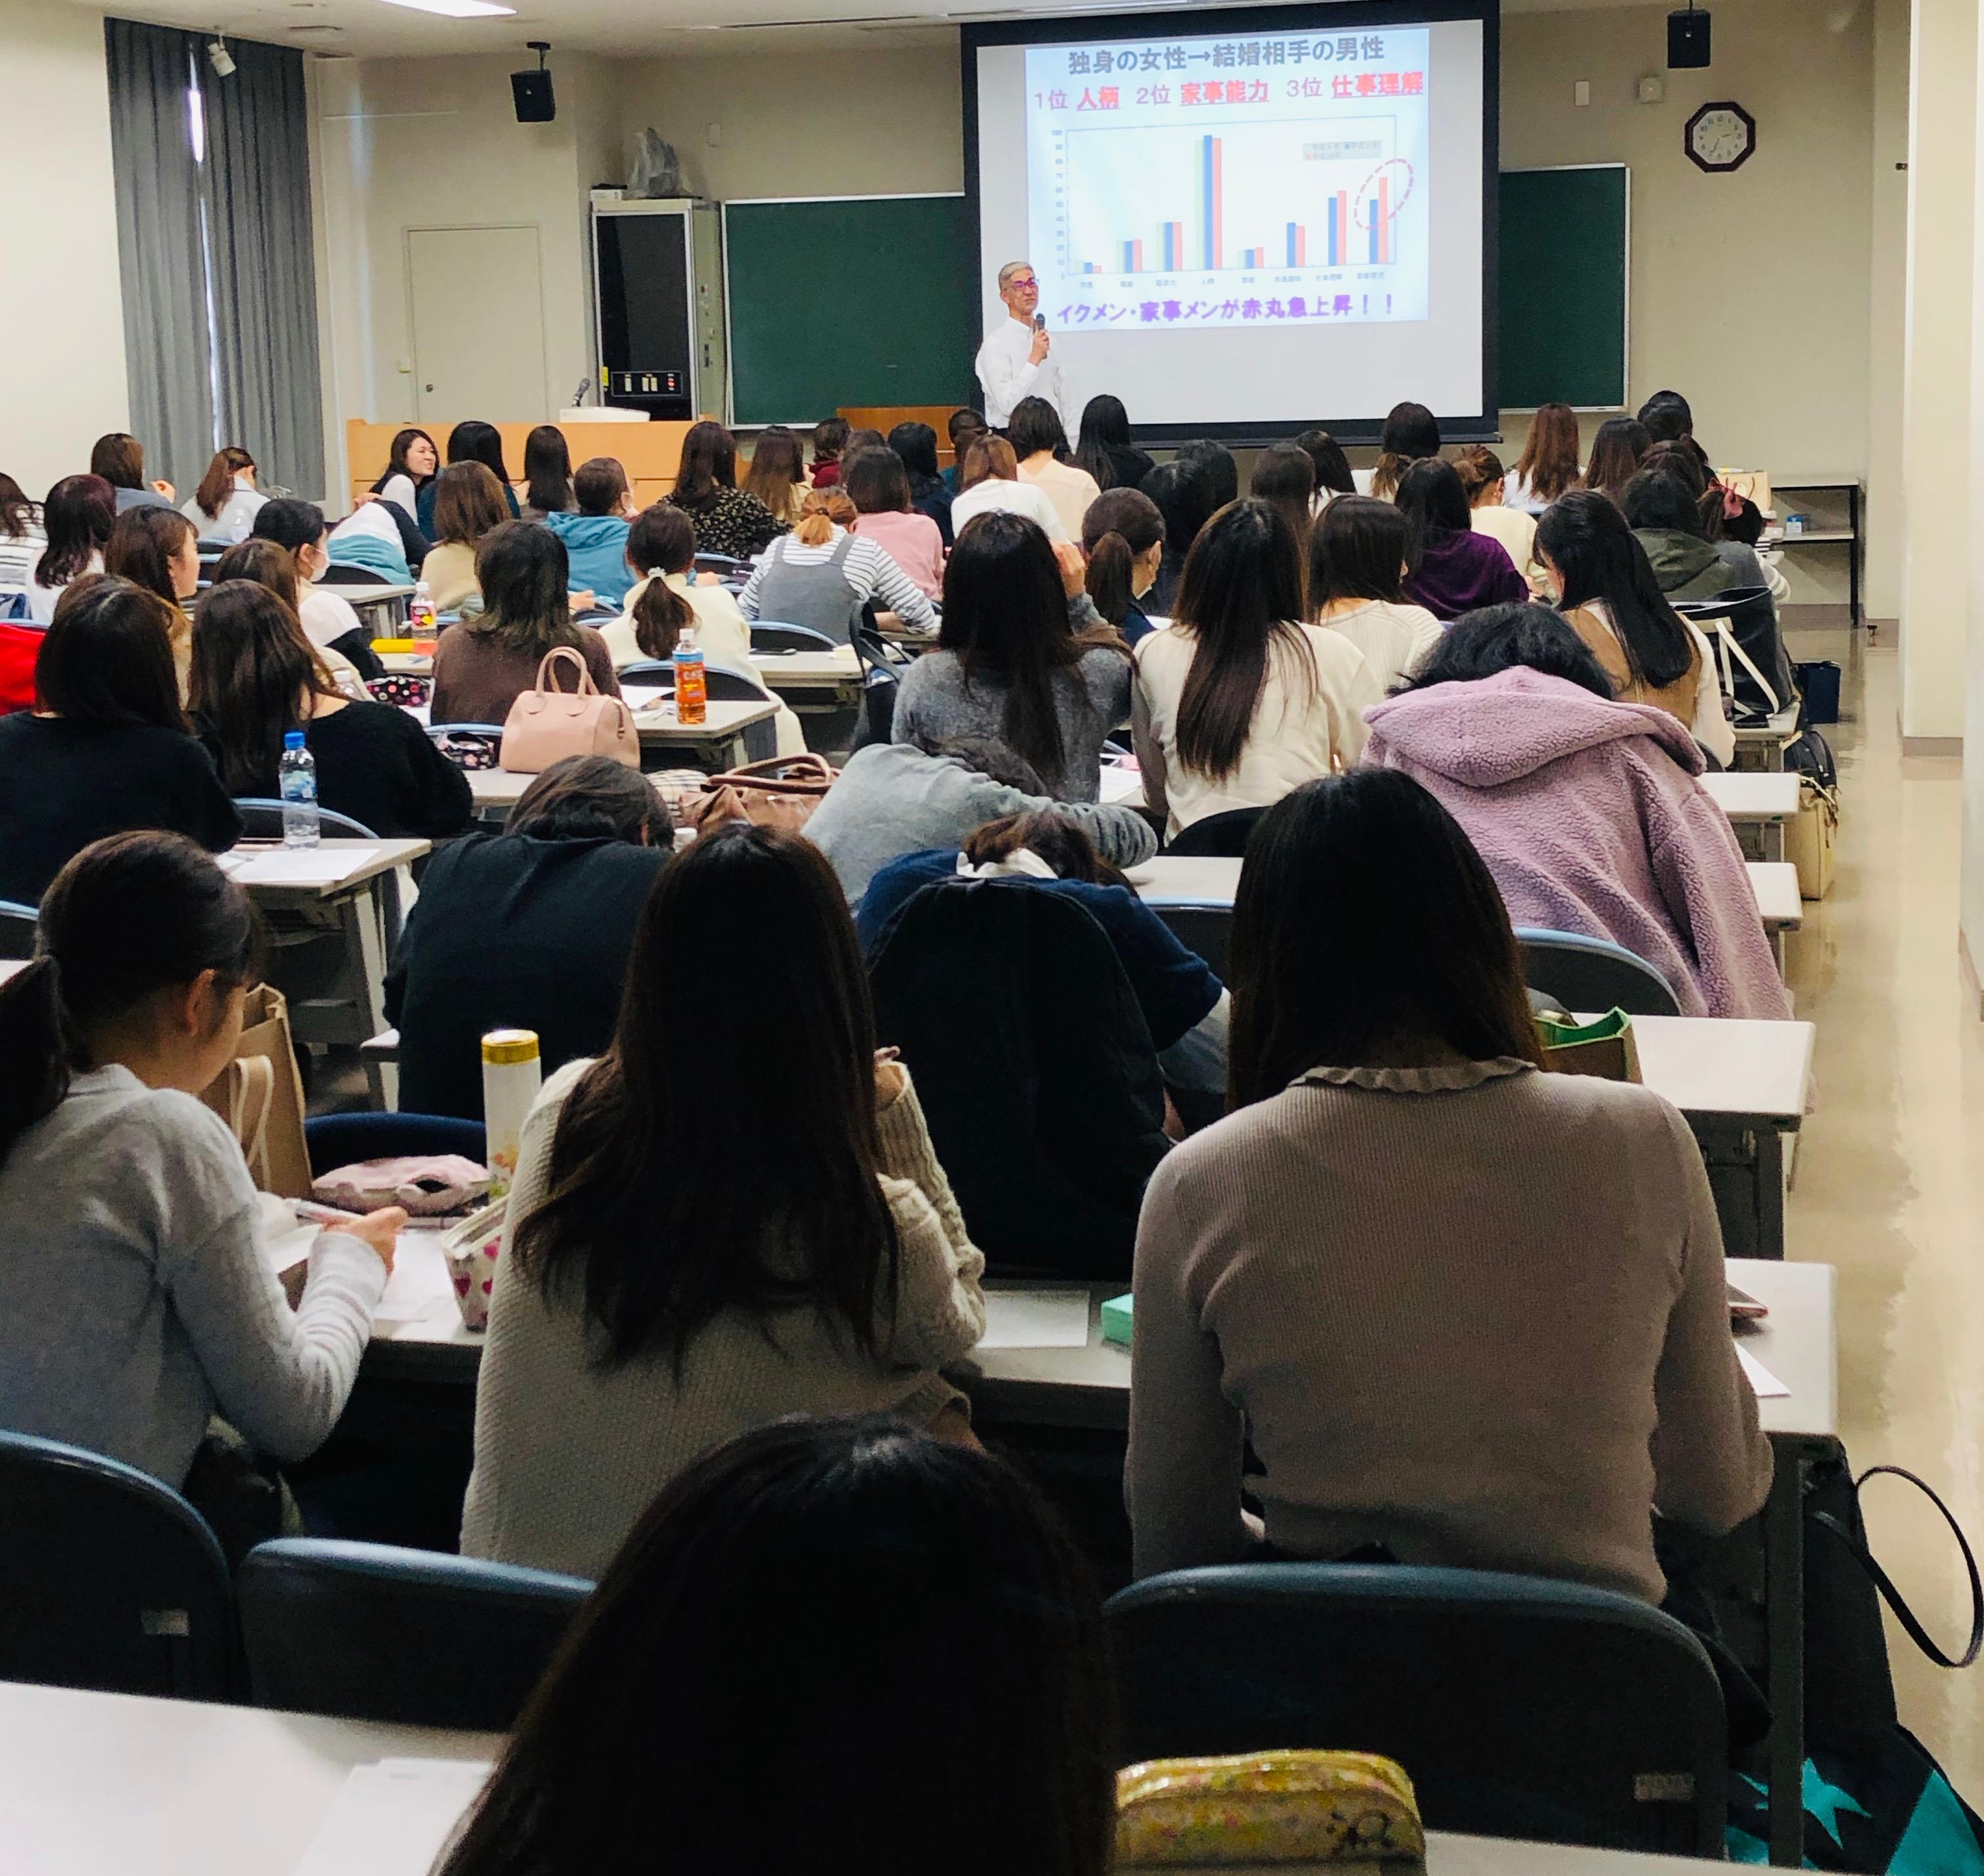 聖心女子大学「職業社会学ゲスト講義」2019